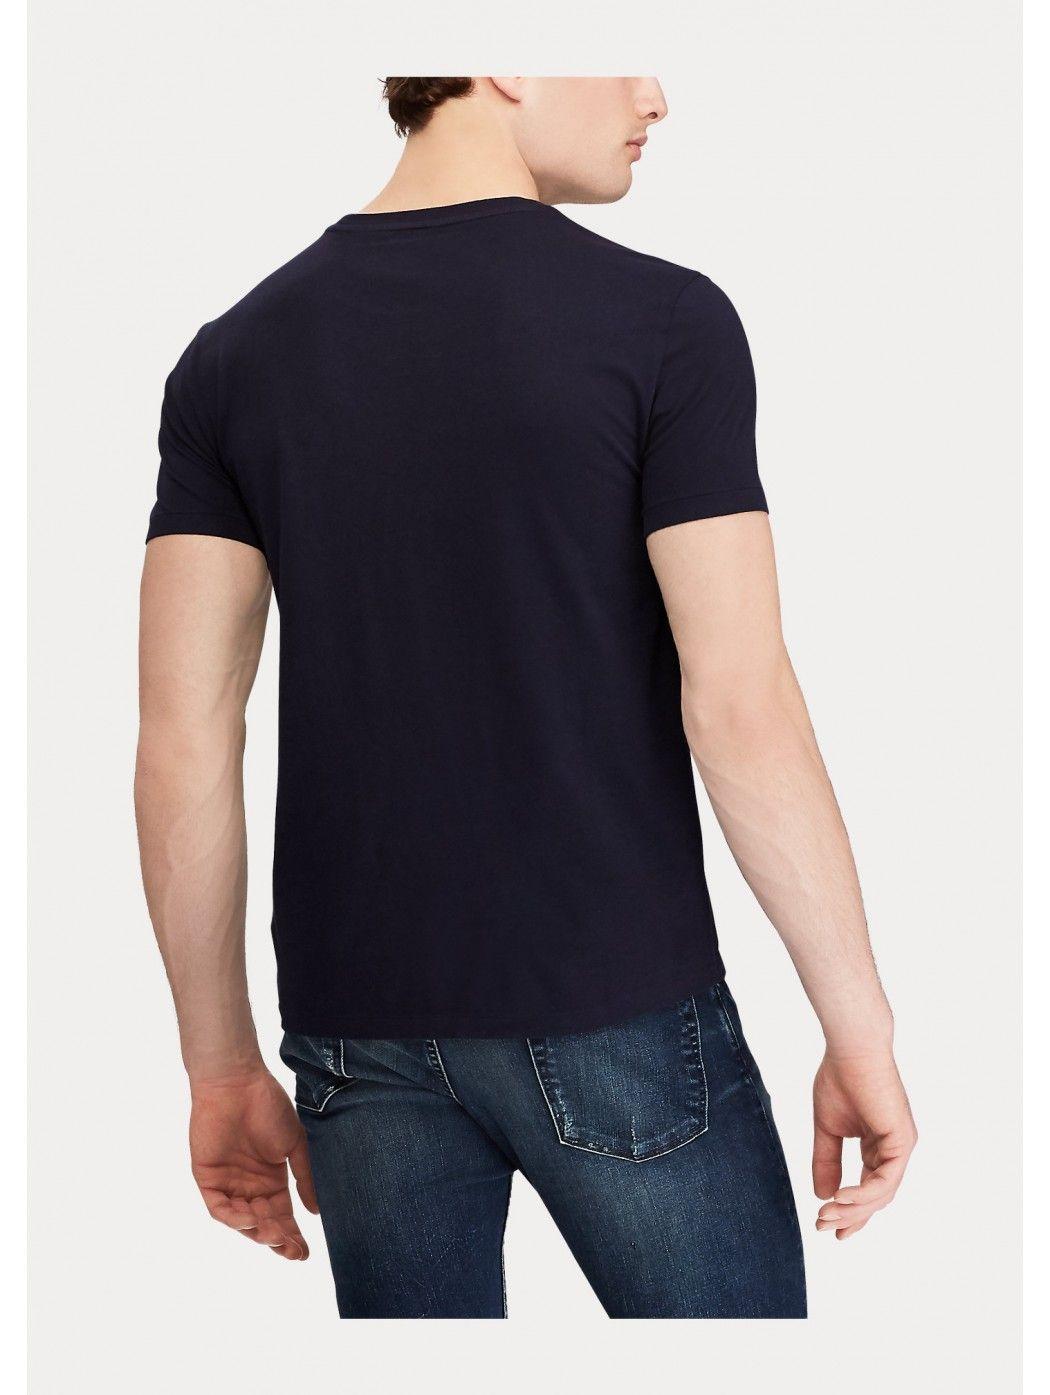 Maglietta in cotone Custom Slim-Fit POLO RALPH LAUREN UOMO 710680785 004